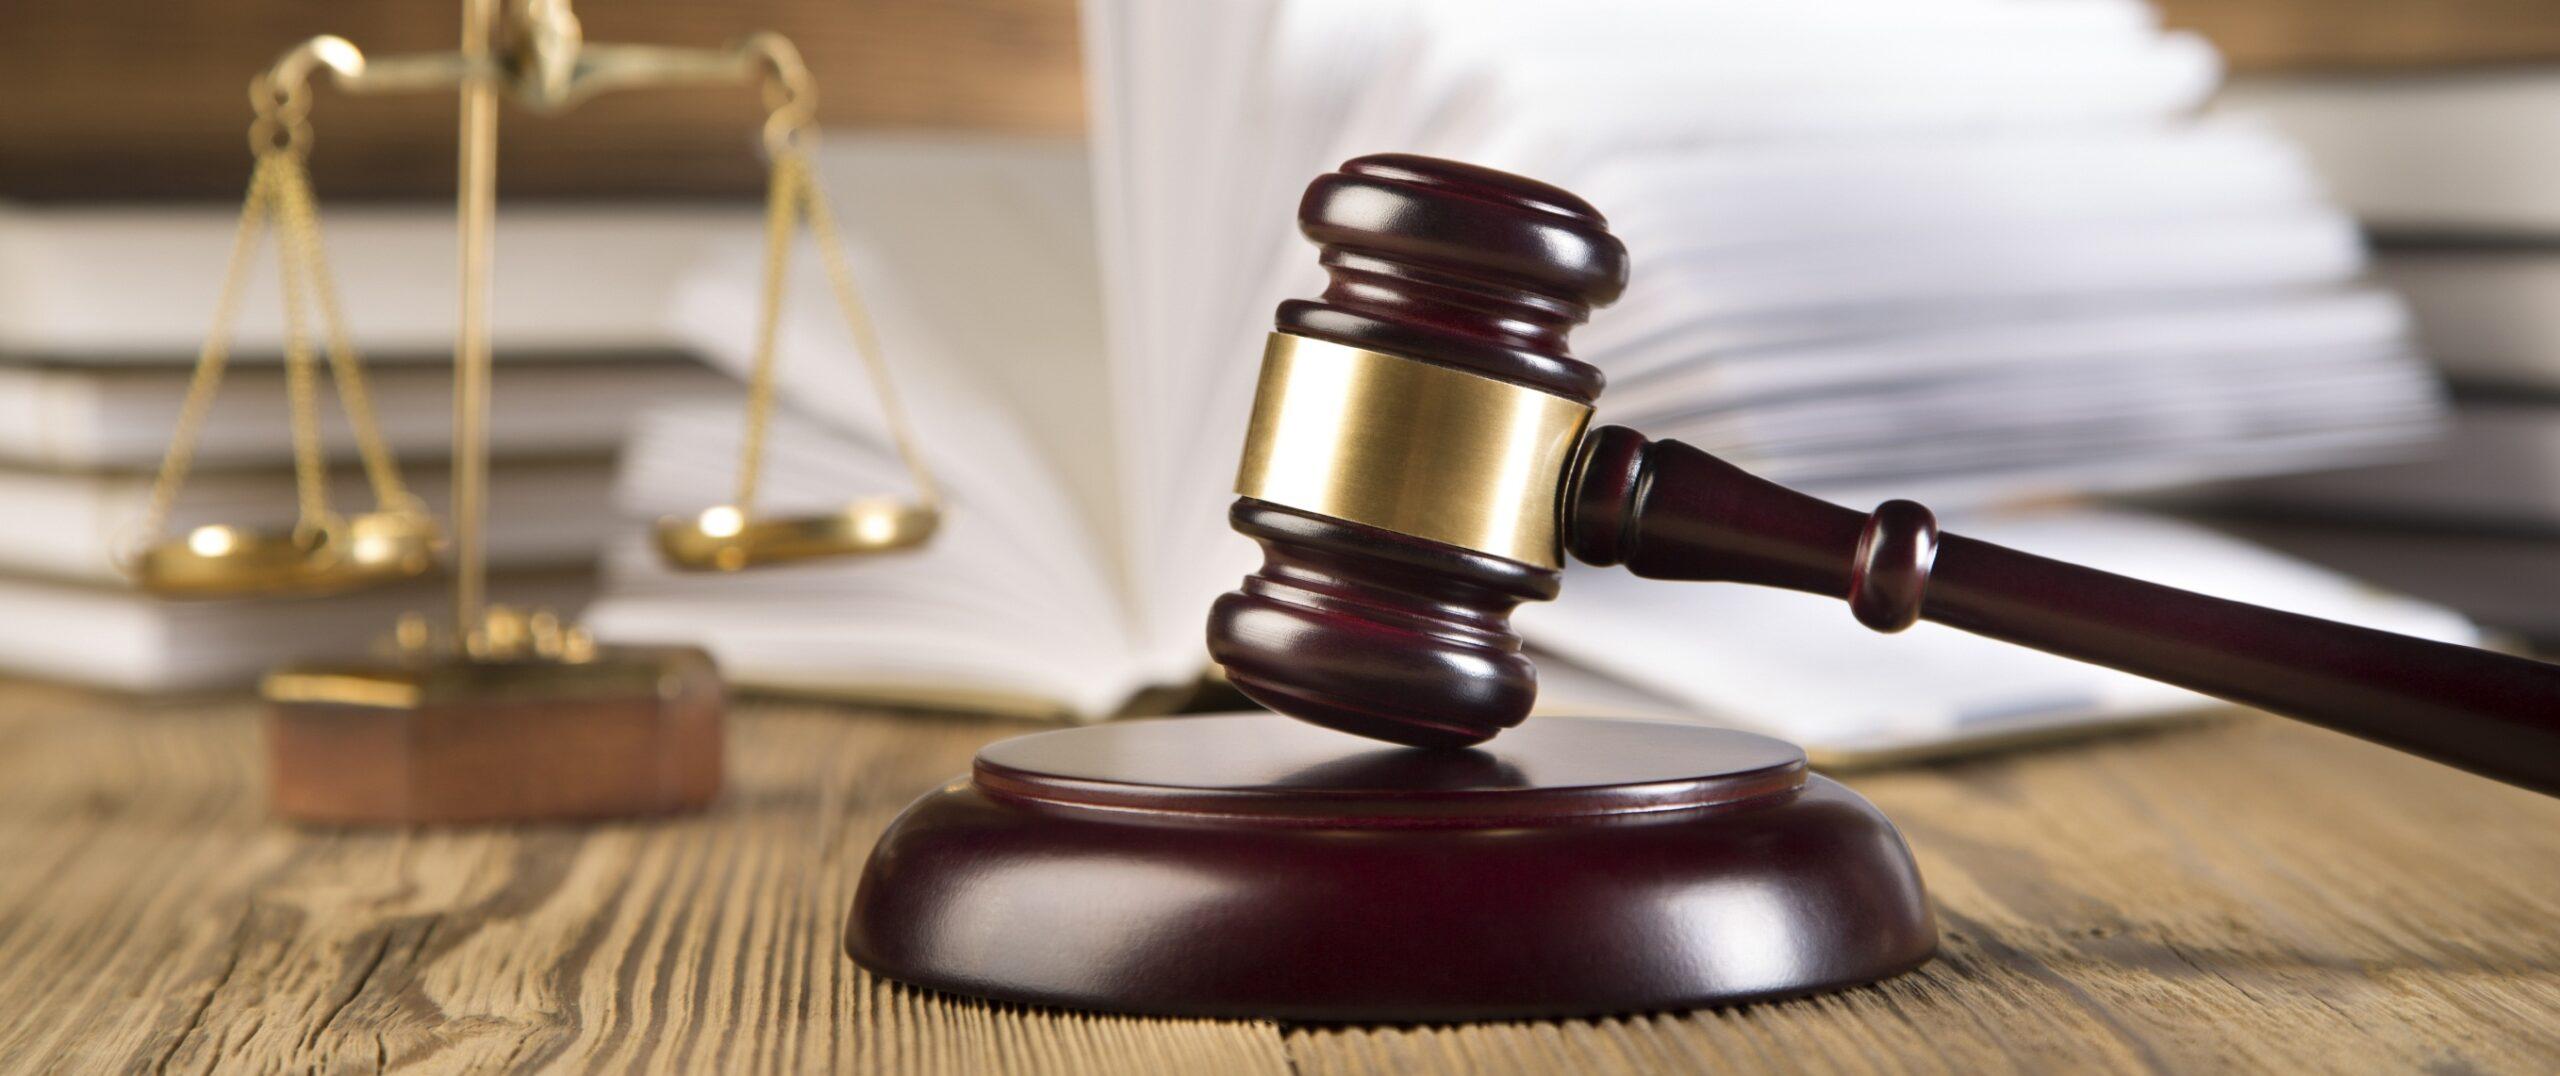 7 serial killers que cometeram erros diante dos tribunais